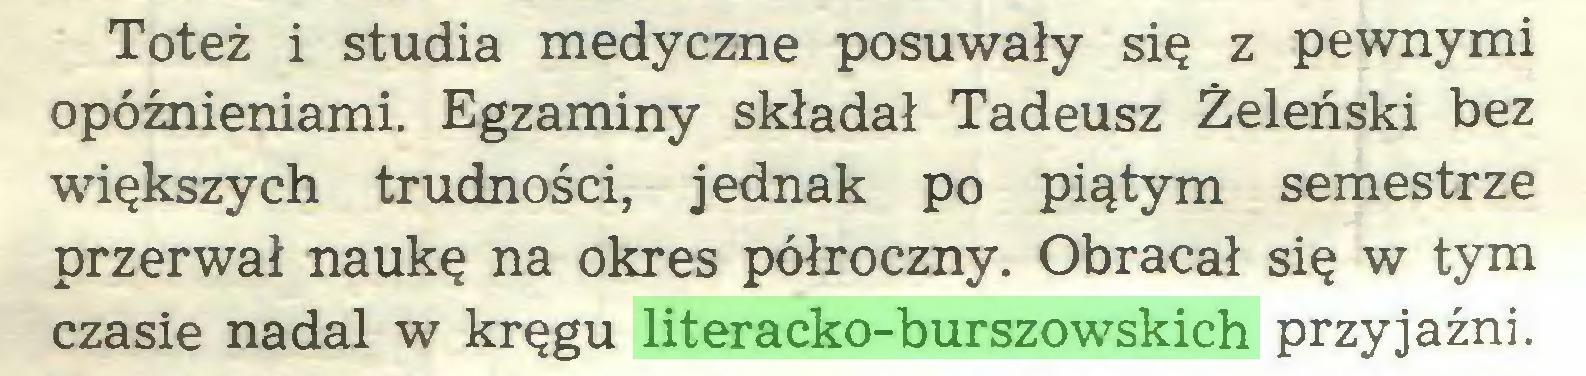 (...) Toteż i studia medyczne posuwały się z pewnymi opóźnieniami. Egzaminy składał Tadeusz Żeleński bez większych trudności, jednak po piątym semestrze przerwał naukę na okres półroczny. Obracał się w tym czasie nadal w kręgu literacko-burszowskich przyjaźni...